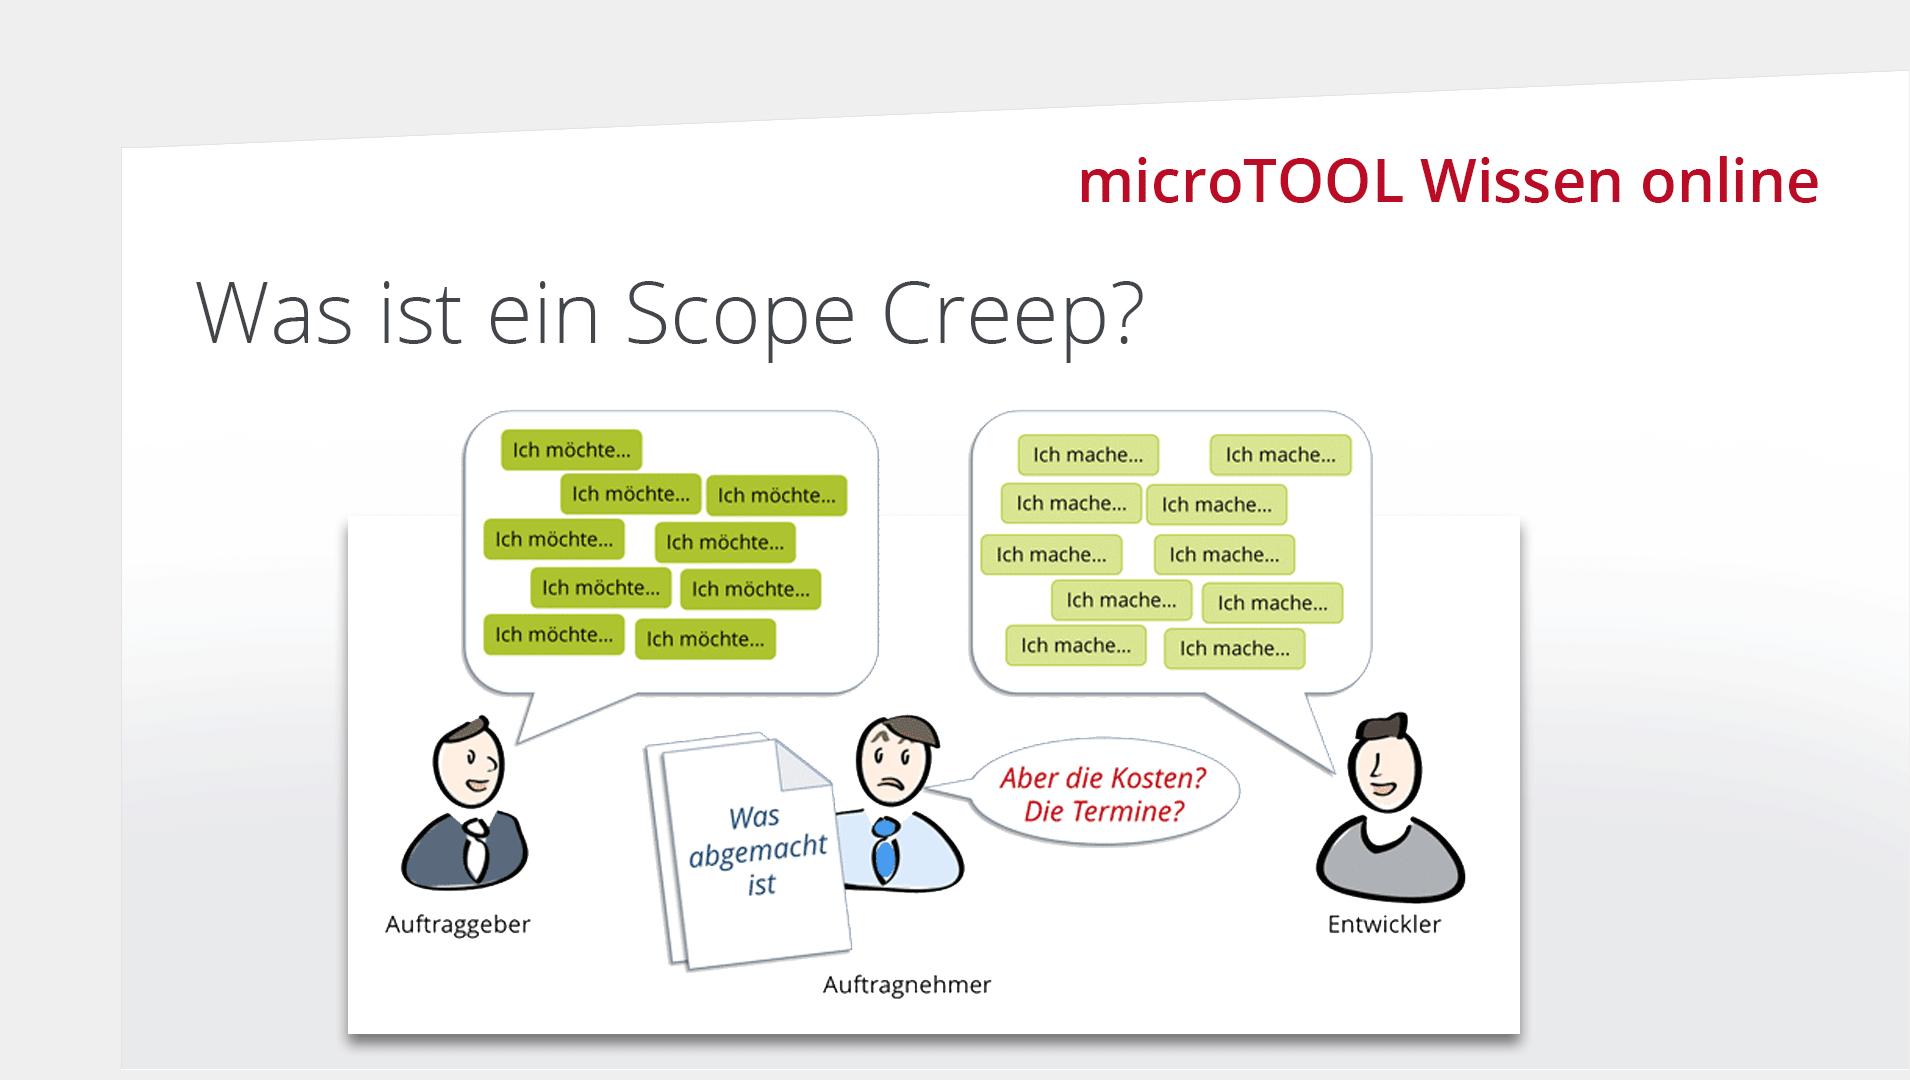 Was ist ein Scope Creep?